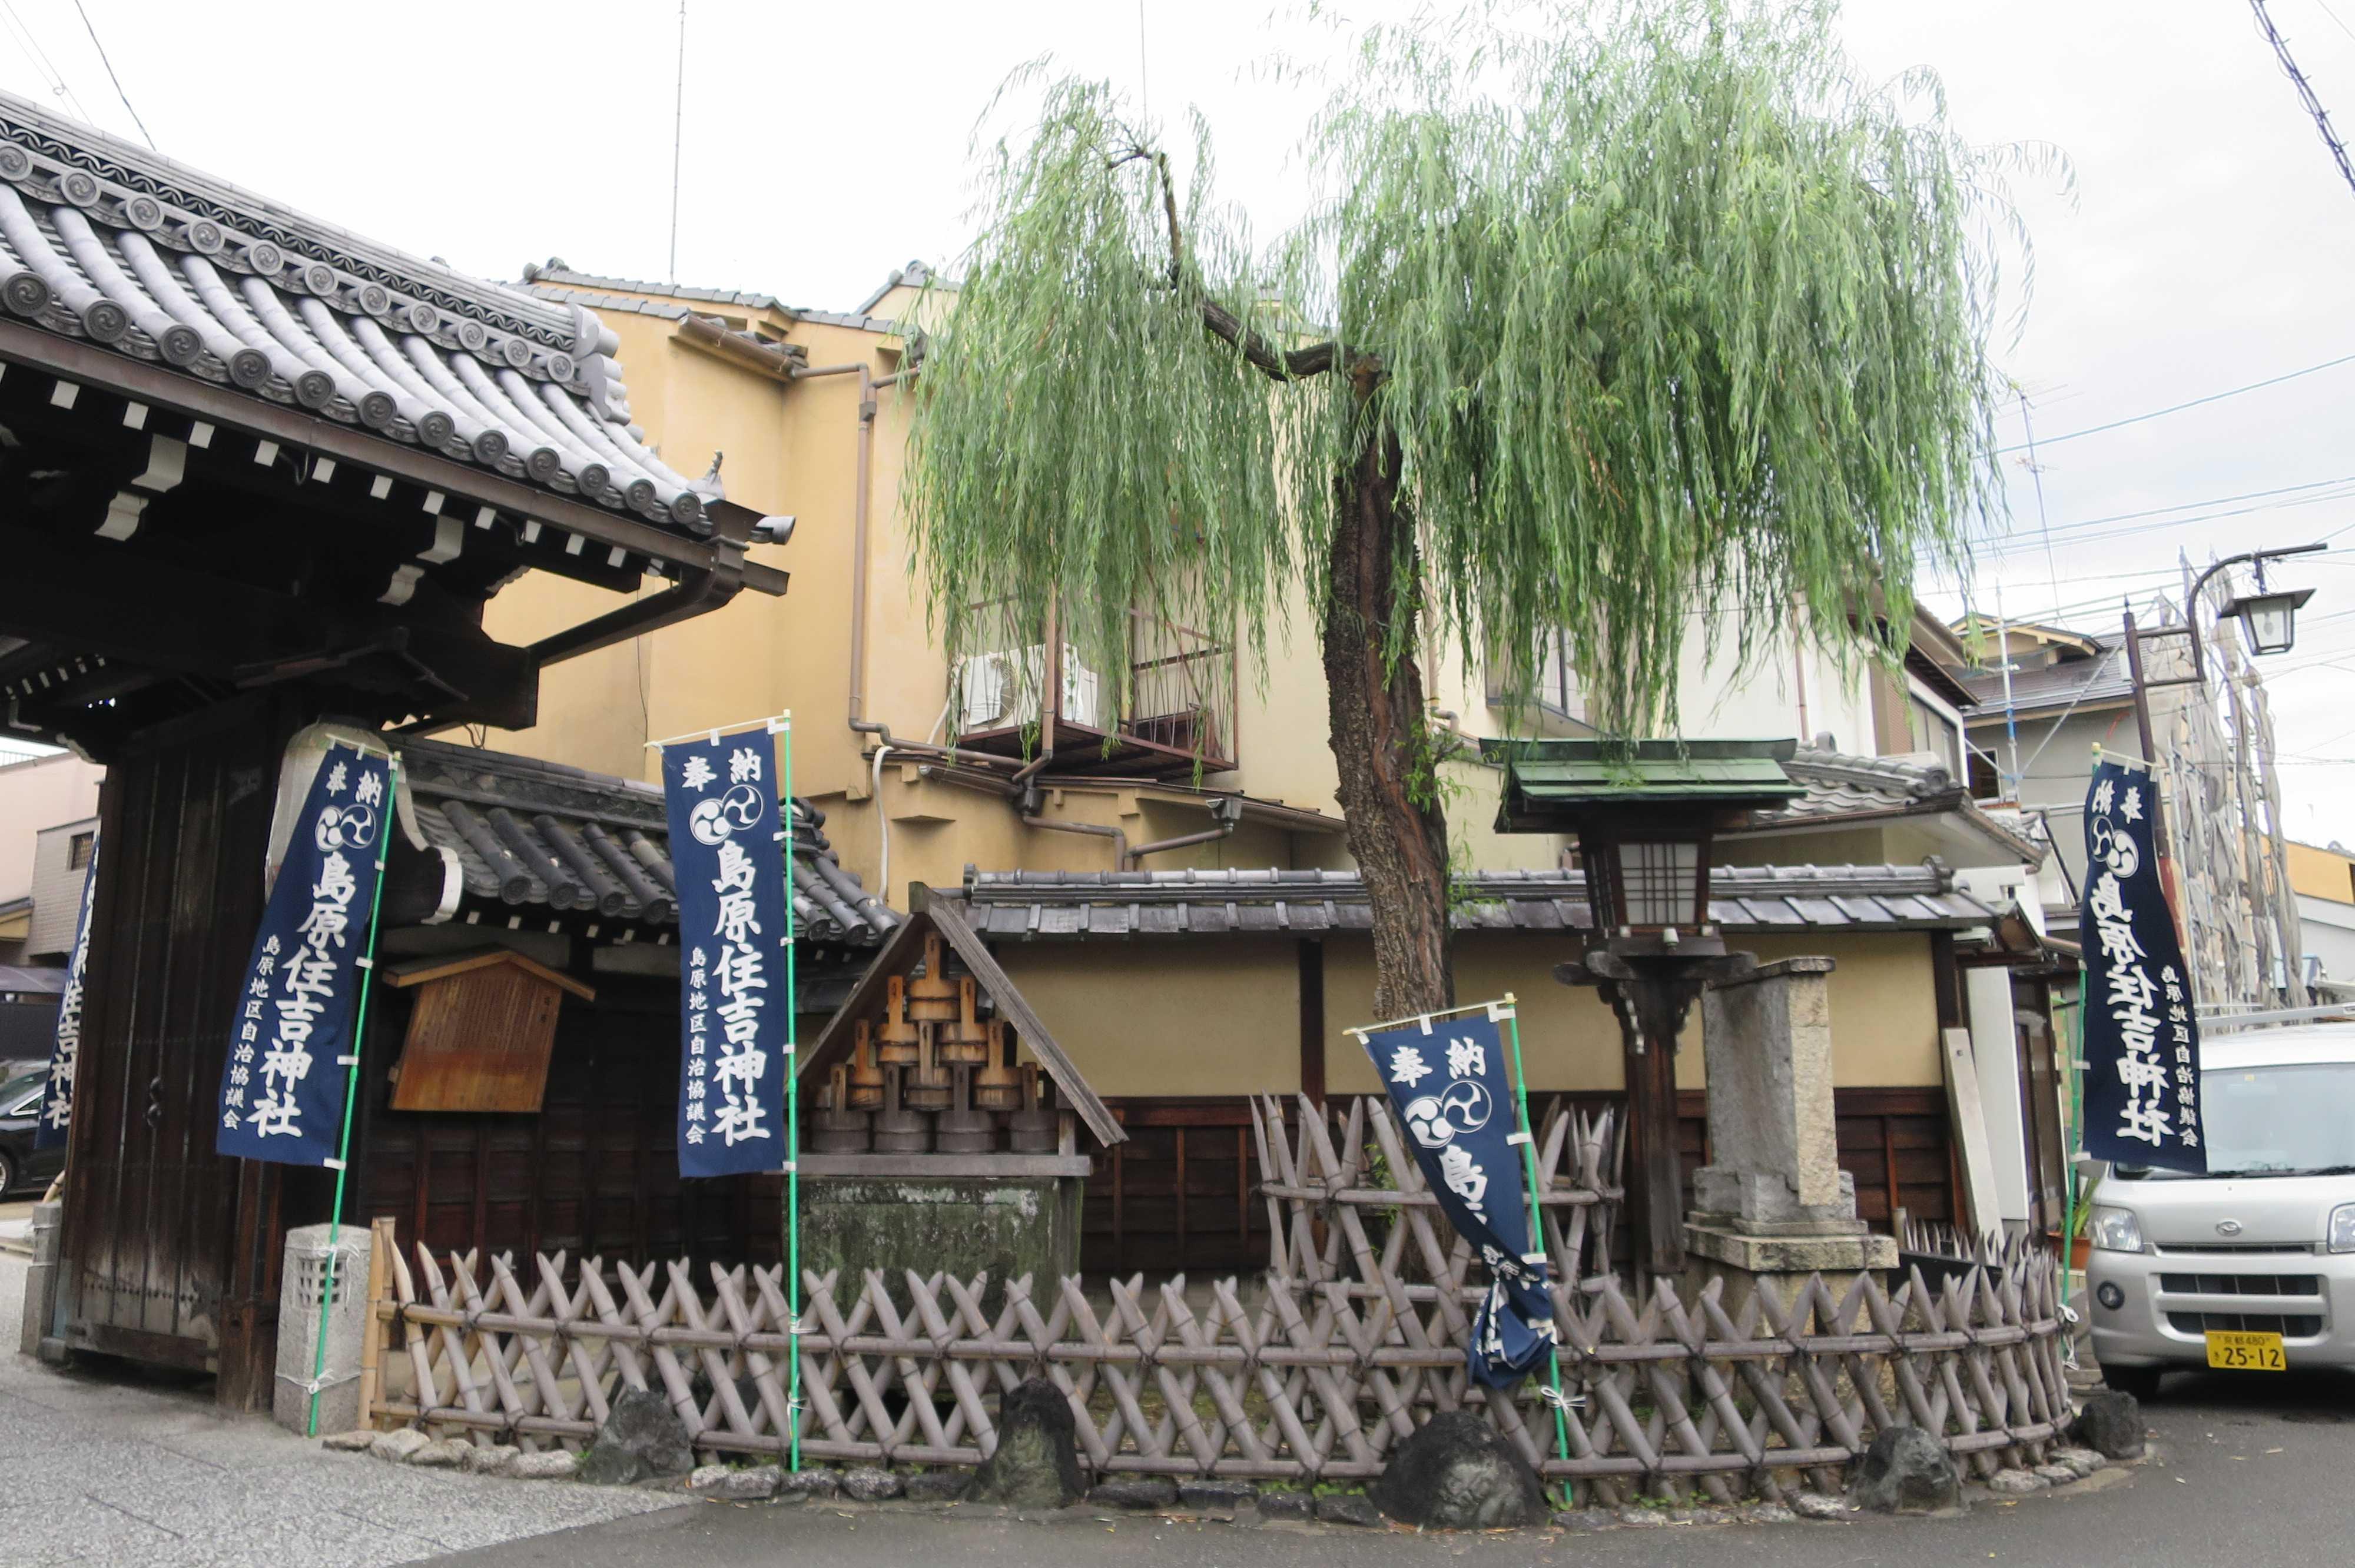 京都・島原大門門前の「出口の柳」と「さらば垣」